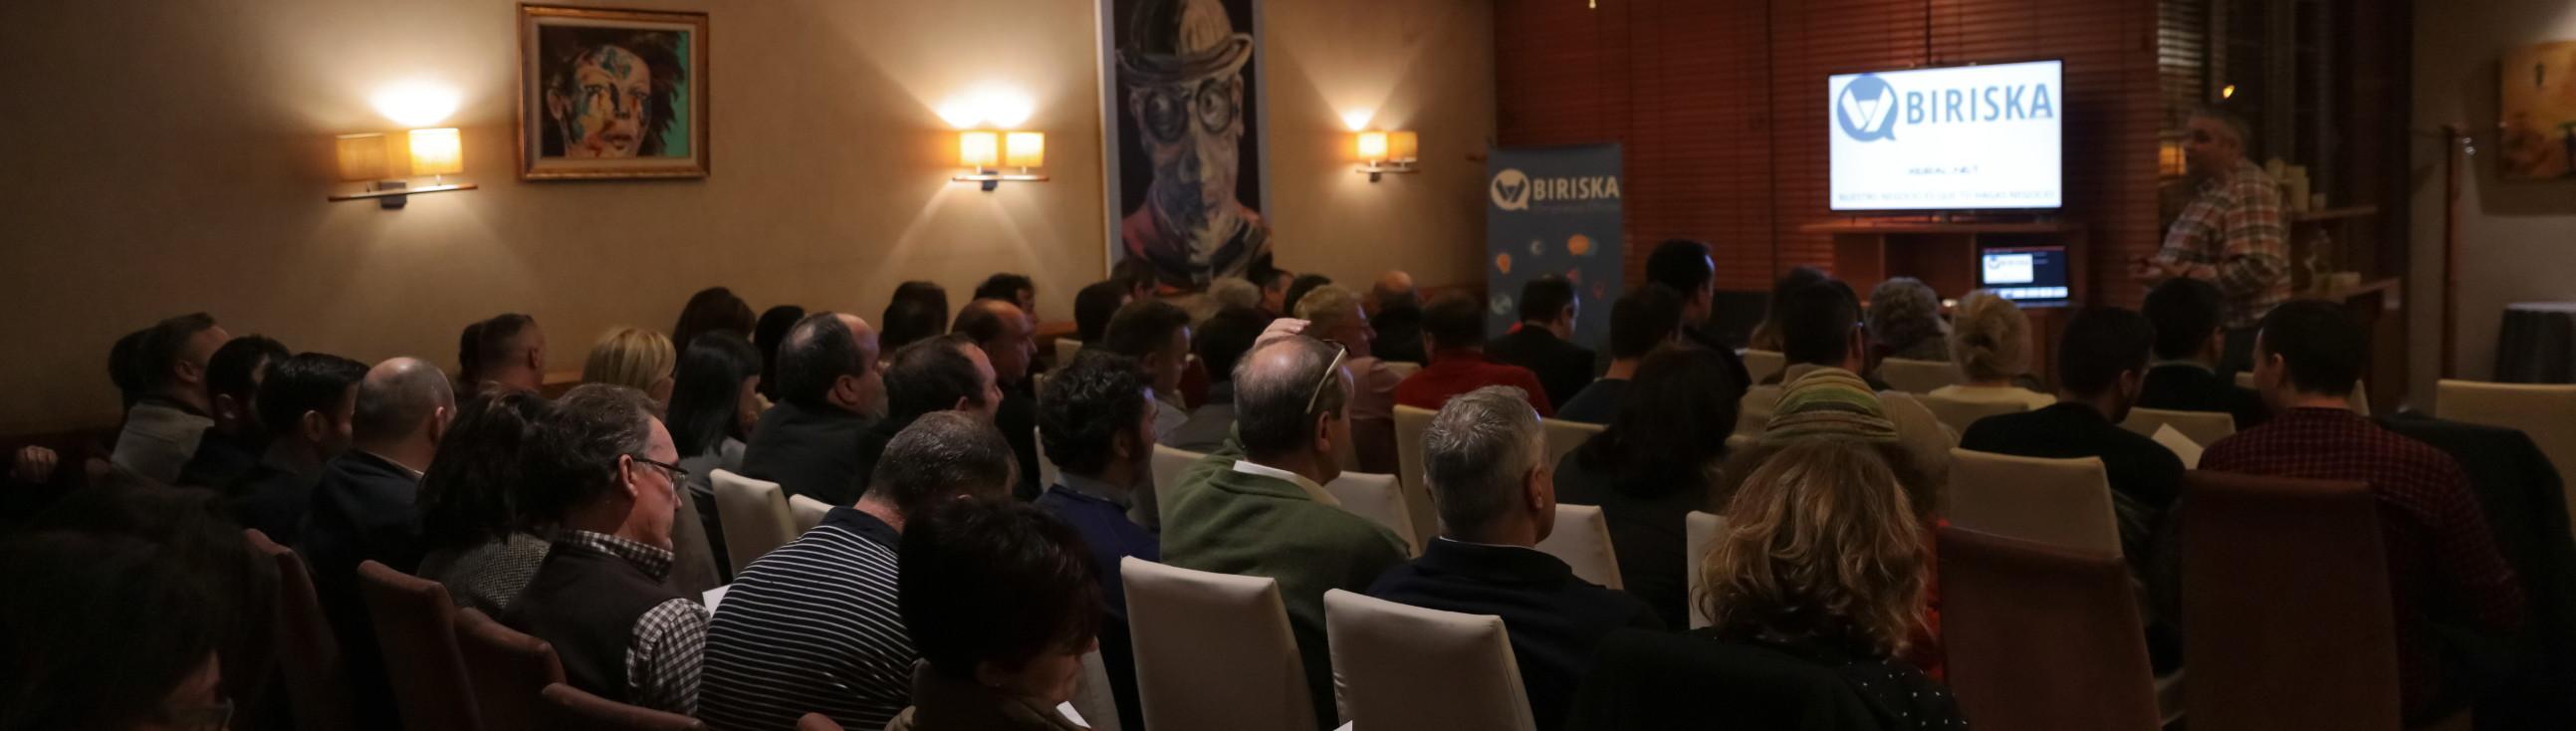 Acto de presentación de Biriska.com en Lugo